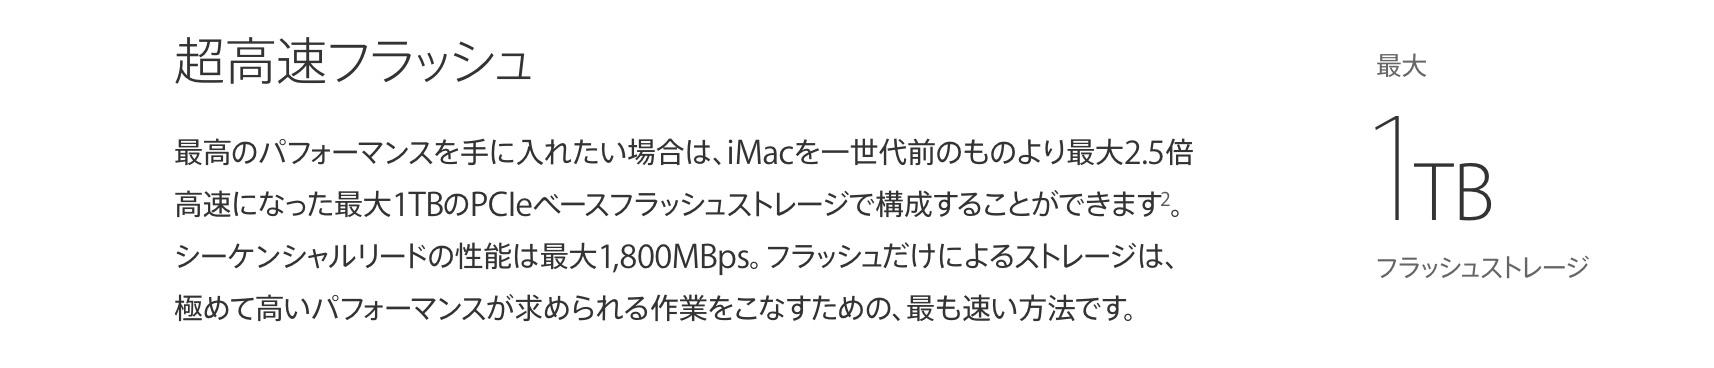 Skylake-Intel-DMI-3-iMac-5K-Late2015